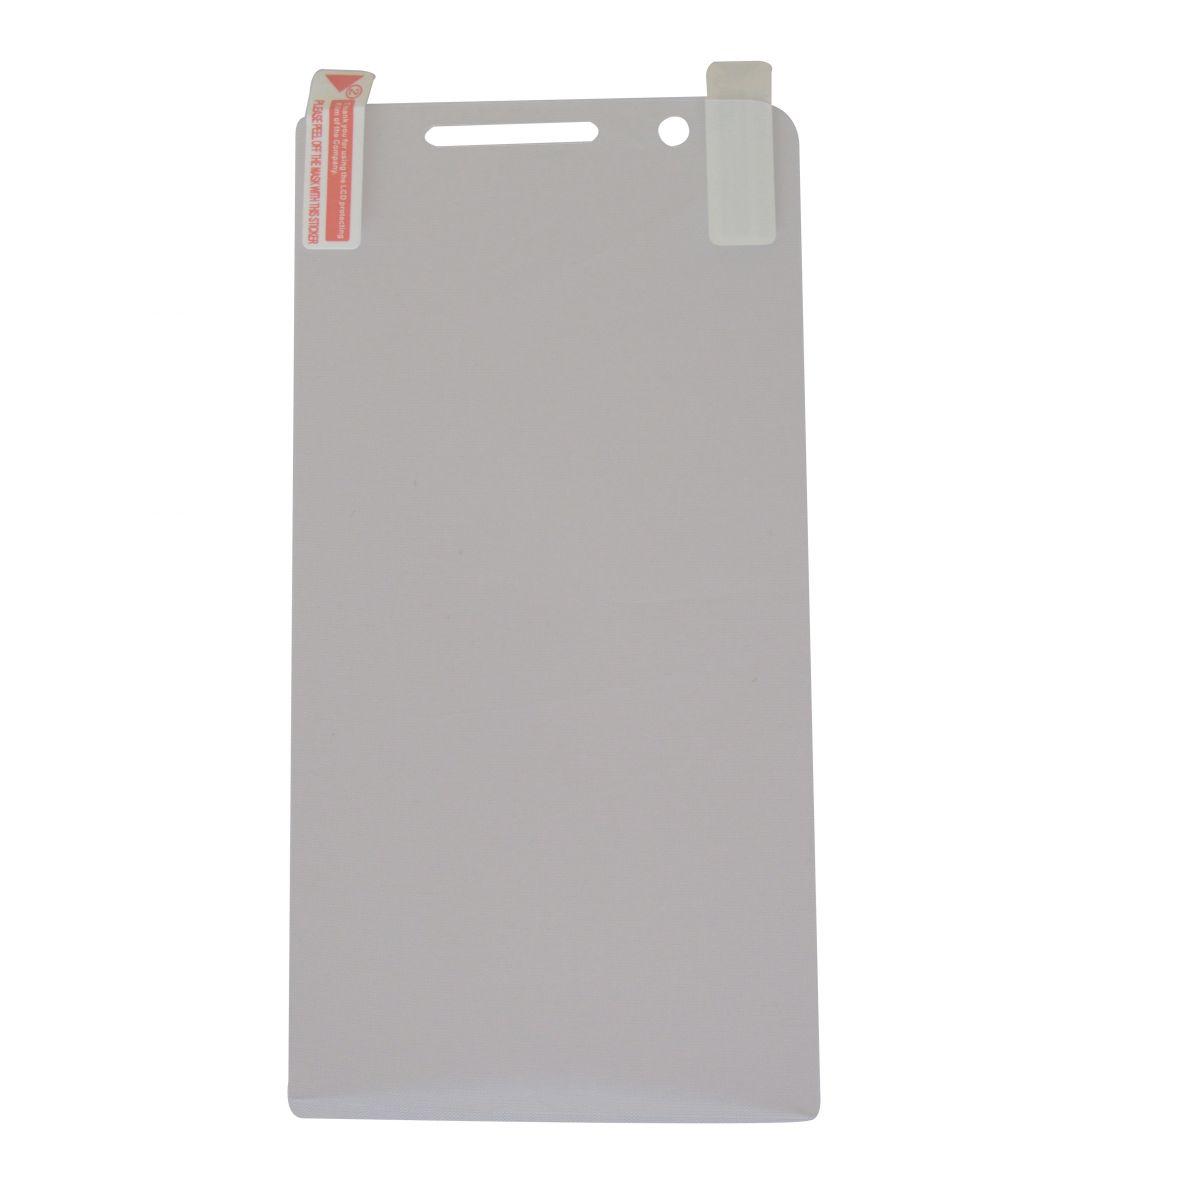 Película Protetora para Asus Zenfone 6 A601 - Fosca